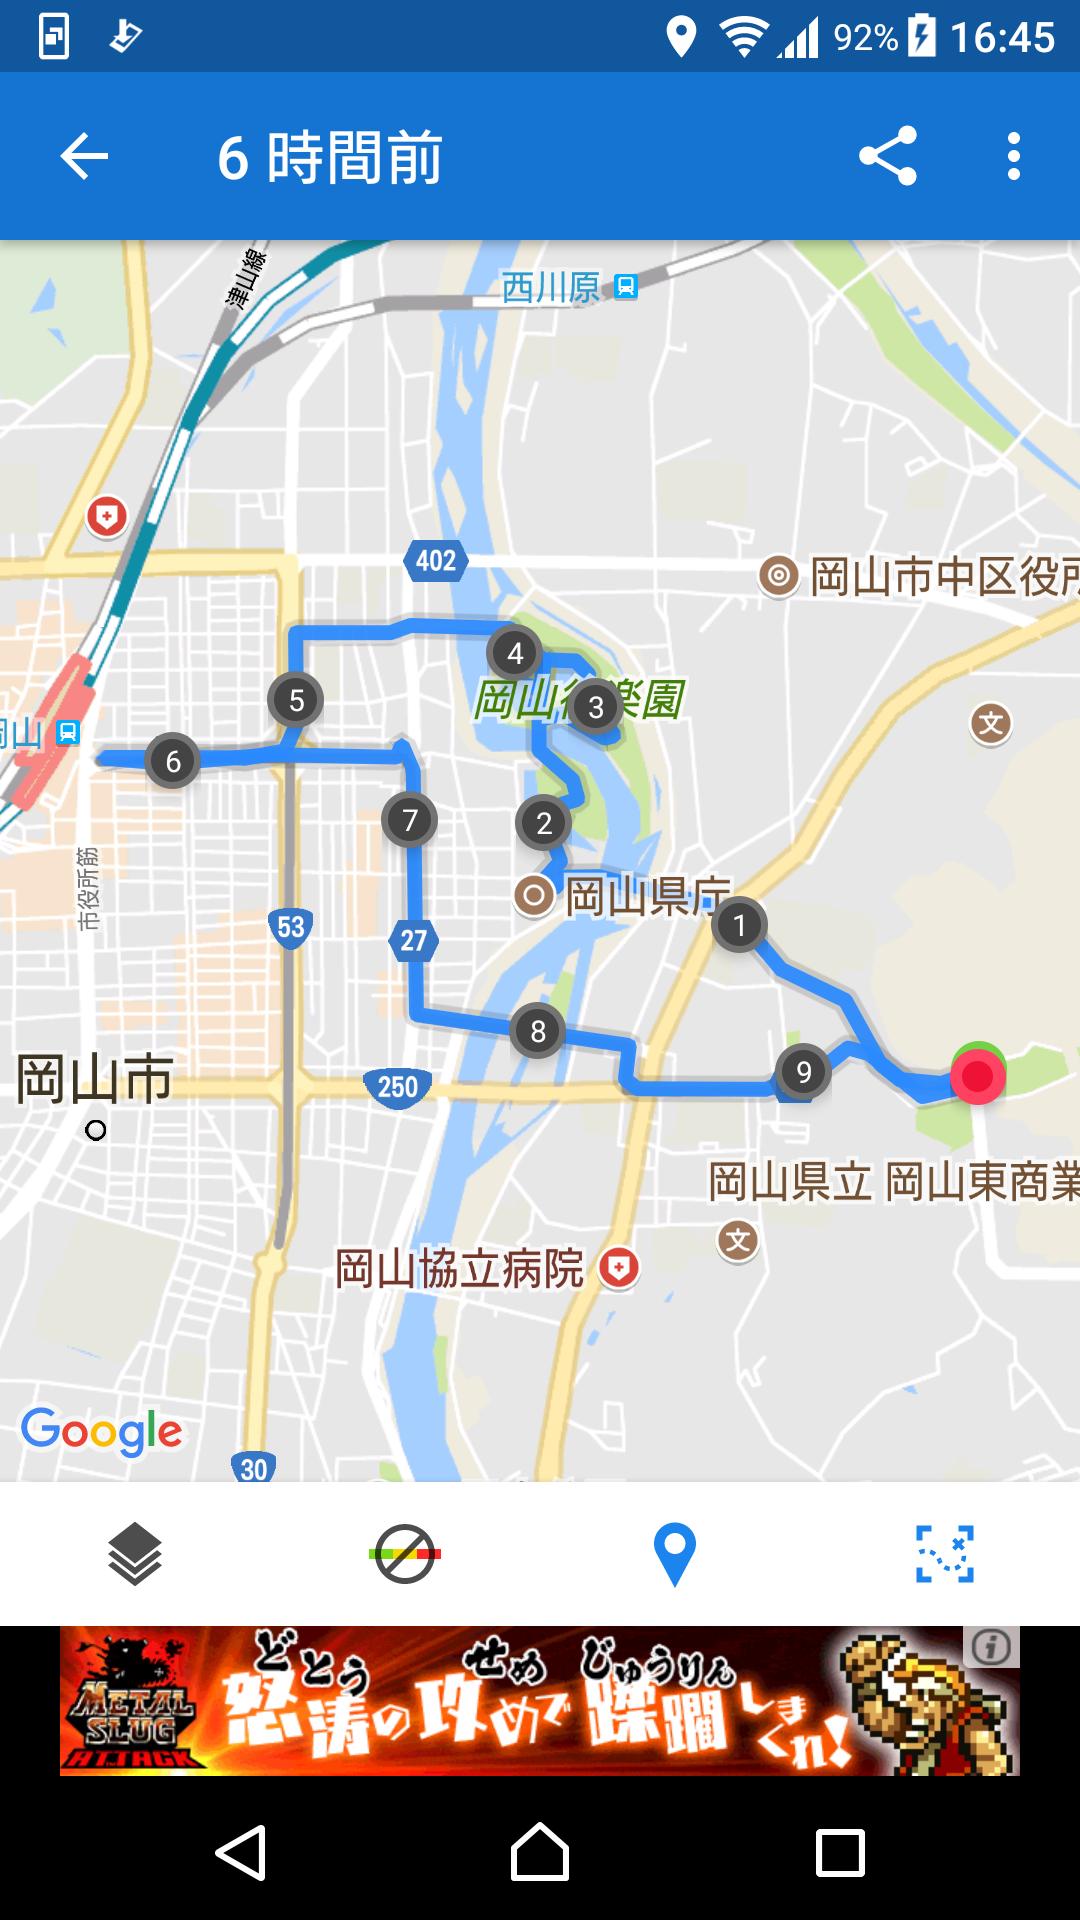 f:id:ynakayama27:20170912184053p:plain